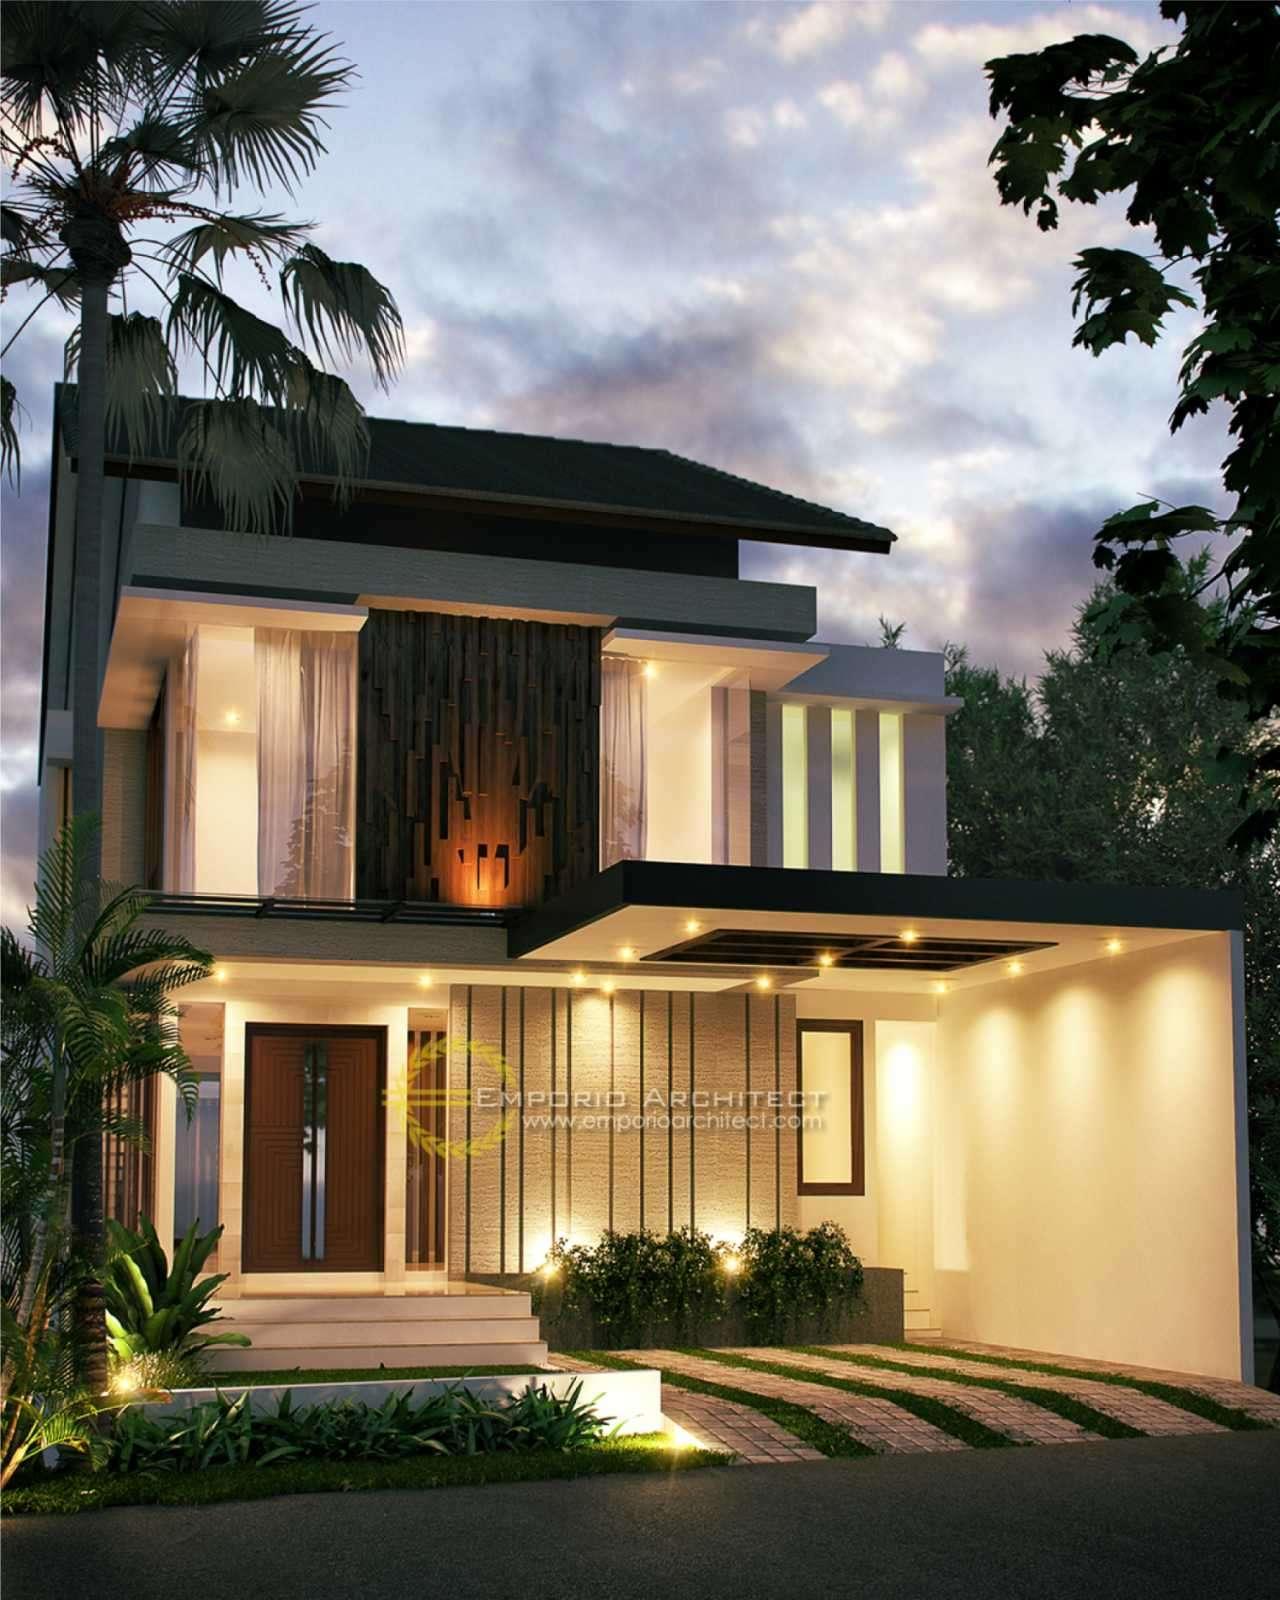 Desain Rumah yang Cocok untuk Daerah Iklim Sejuk atau Dingin